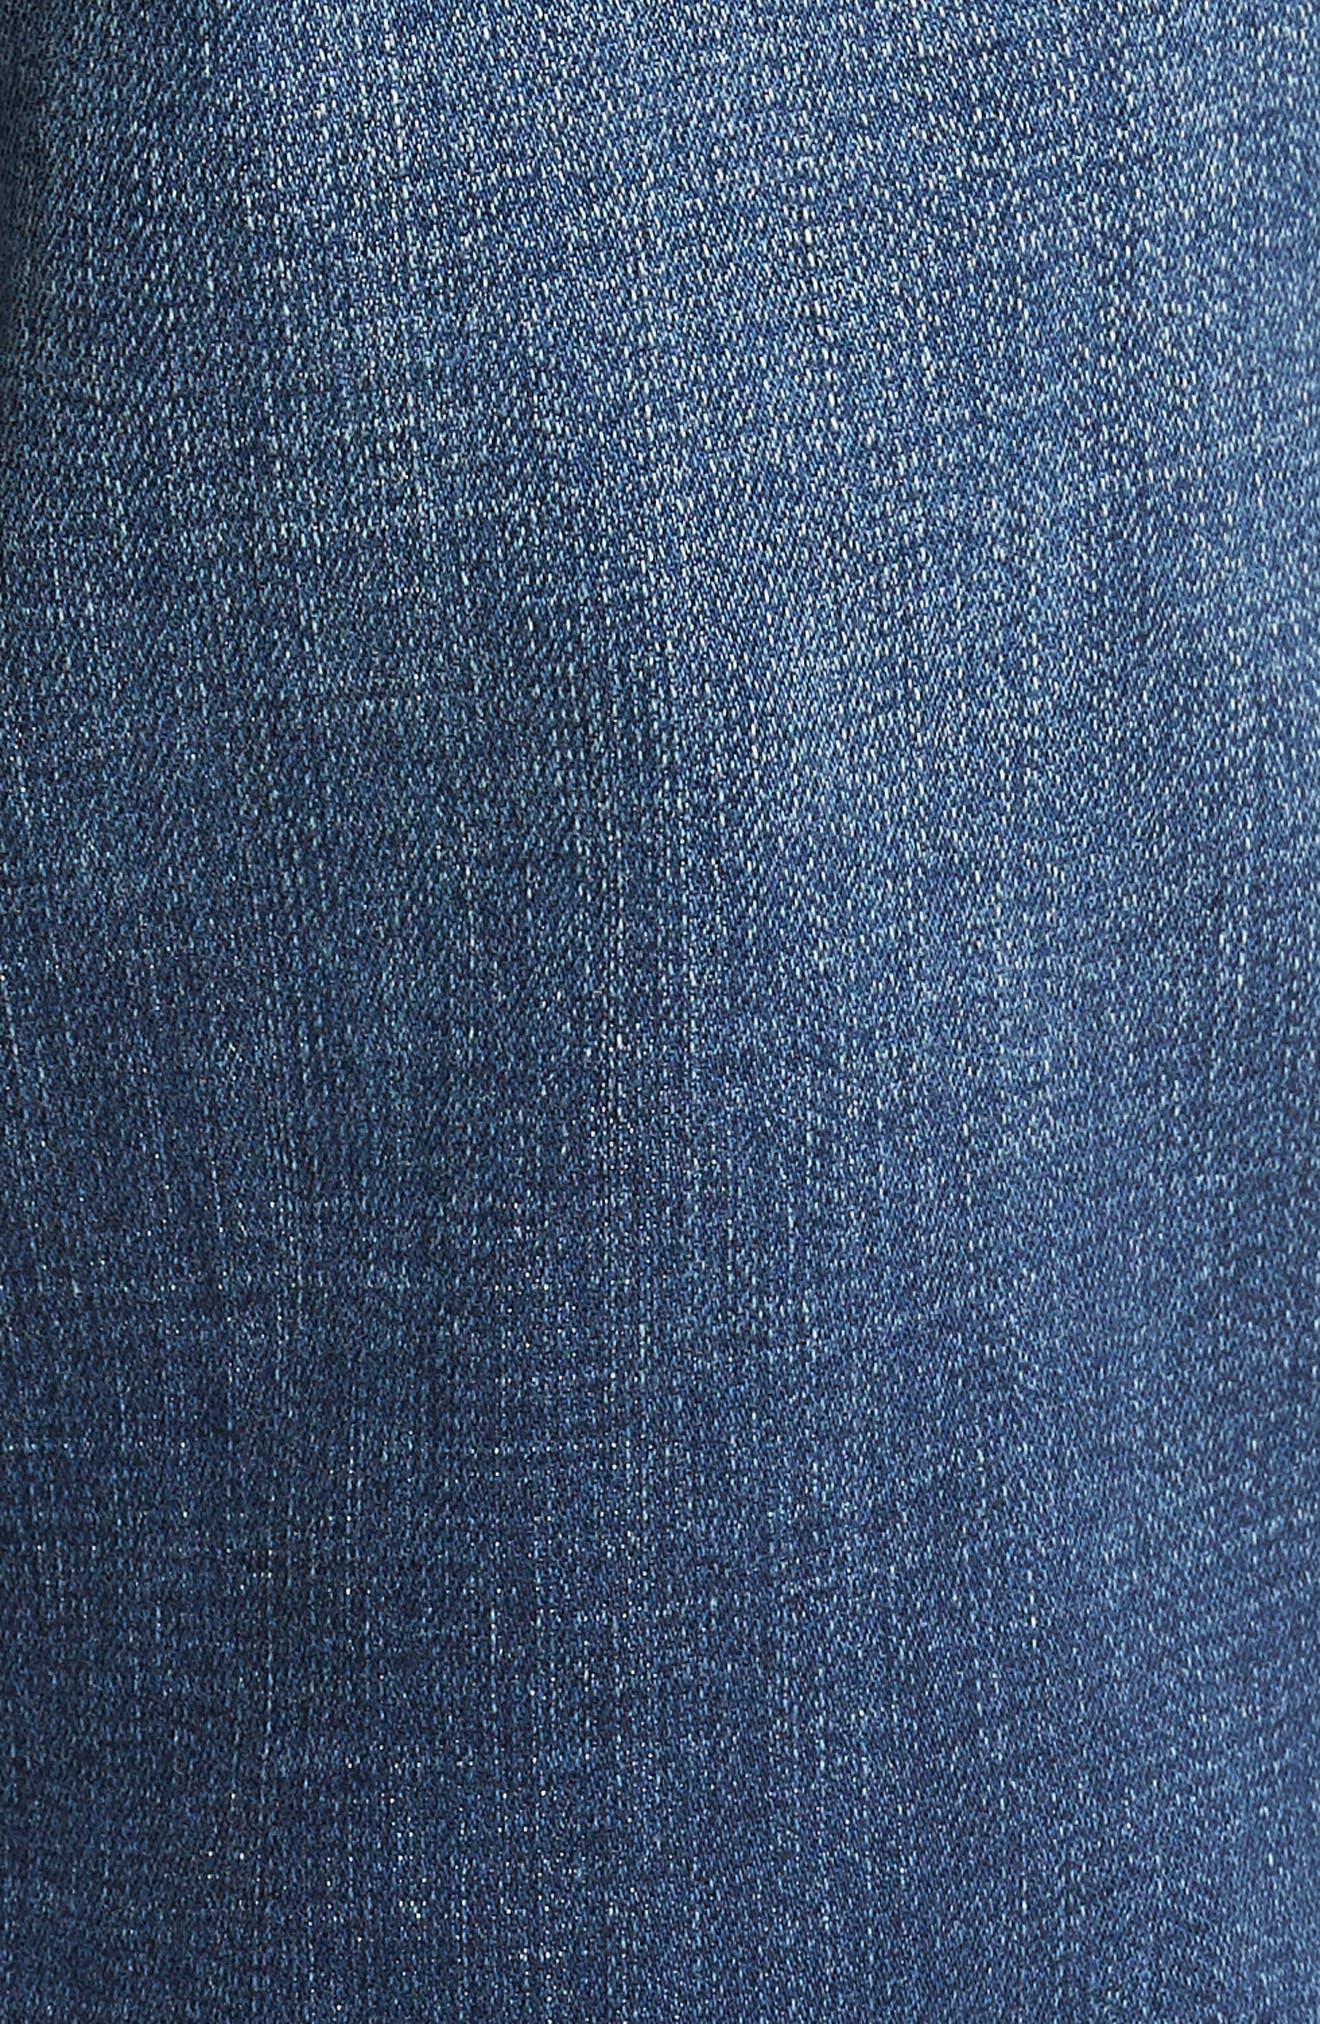 Jeans Co. Kingston Slim Straight Leg Jeans,                             Alternate thumbnail 5, color,                             HIGHLANDER MID